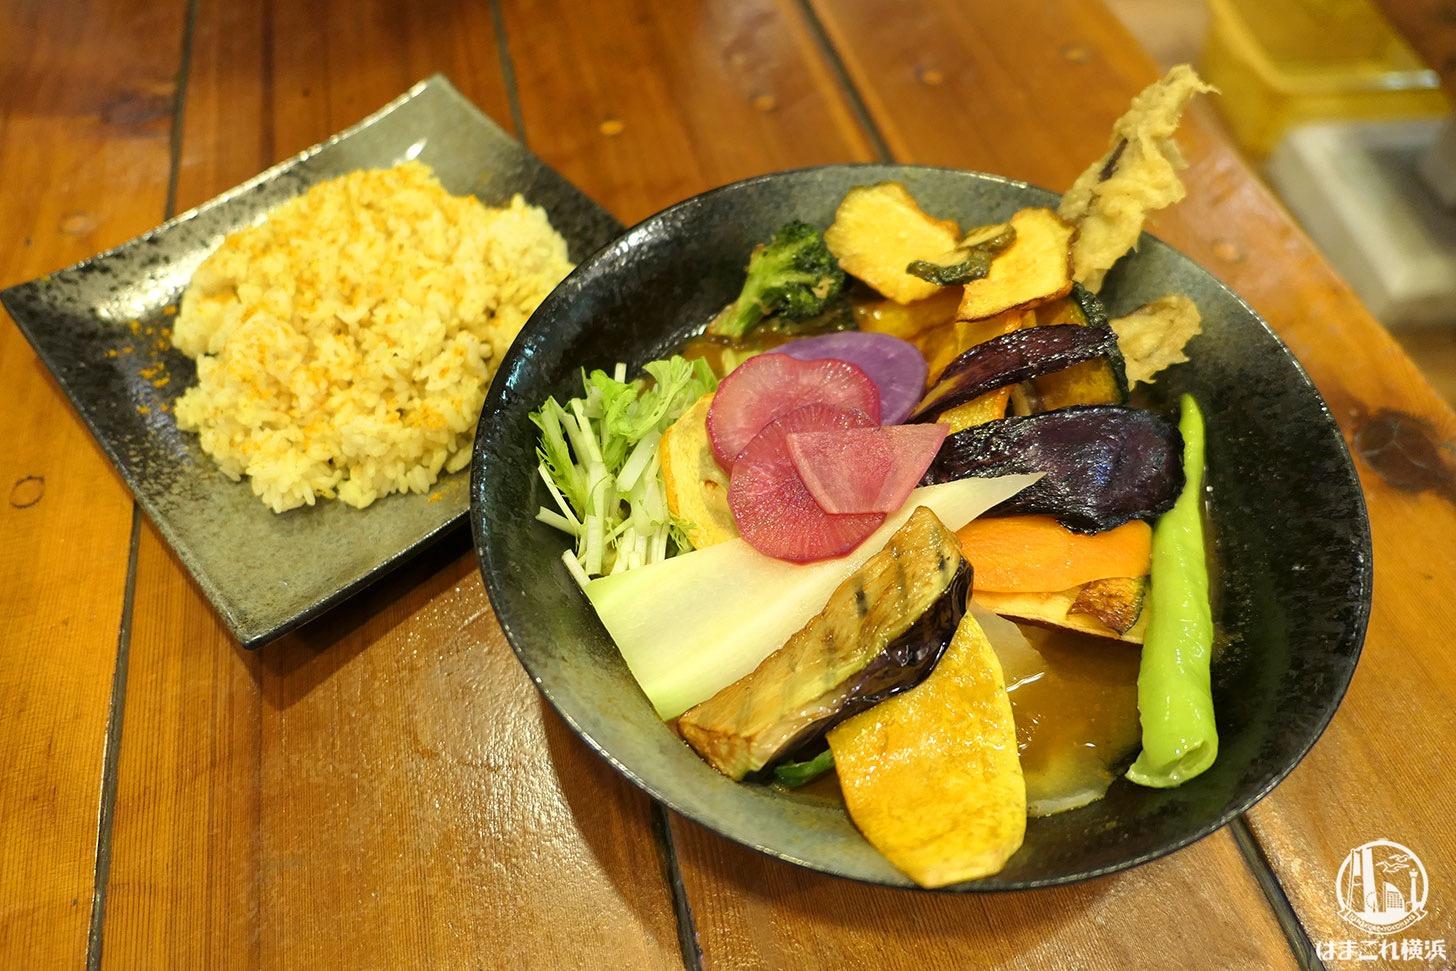 チキンと鎌倉野菜16品野菜のスープカレー